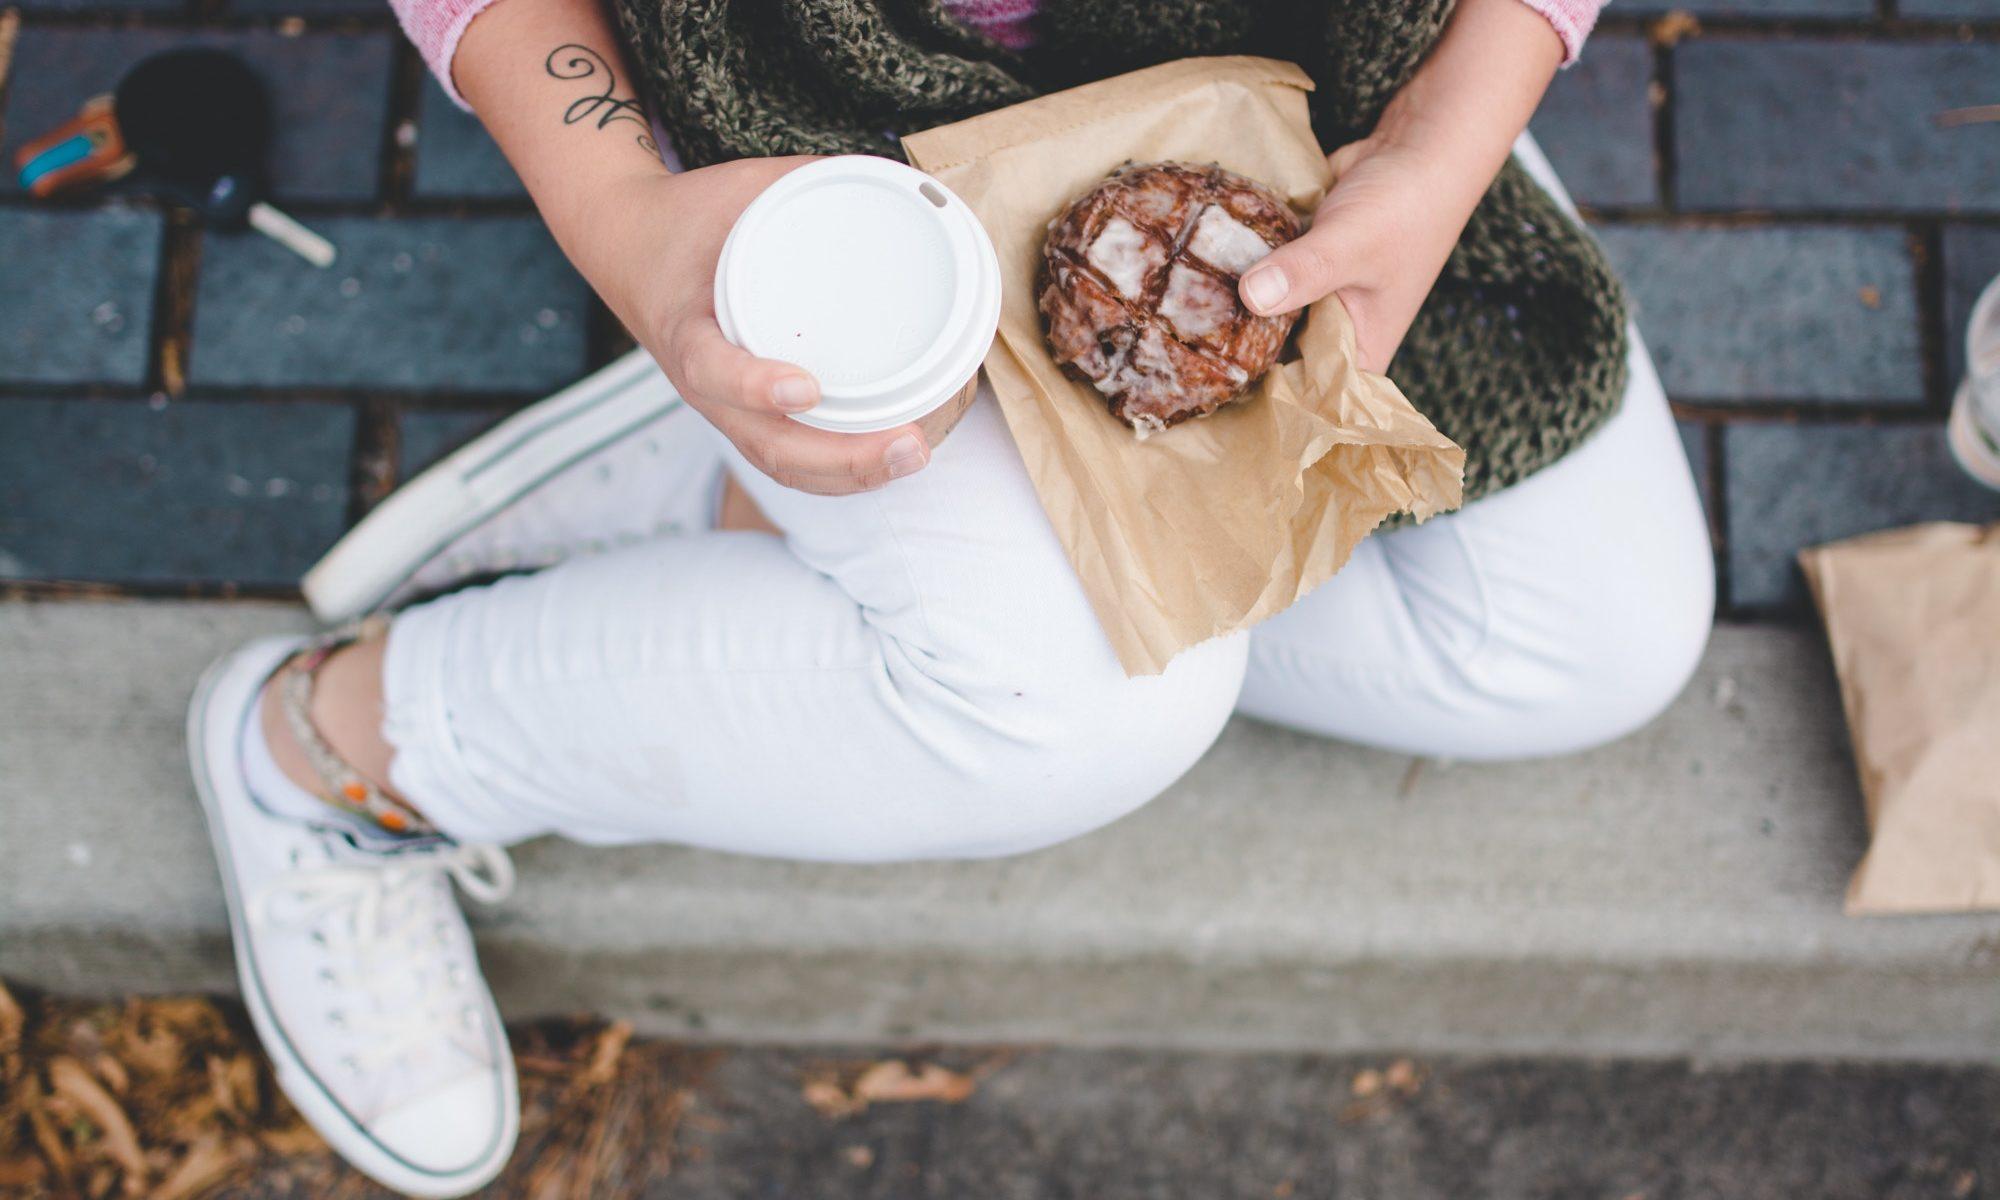 Draufsicht auf Beine einer Person, die einen Coffee-to-go-Becher und ein Gebäckstück in der Hand hält und auf der Straße sitzt.